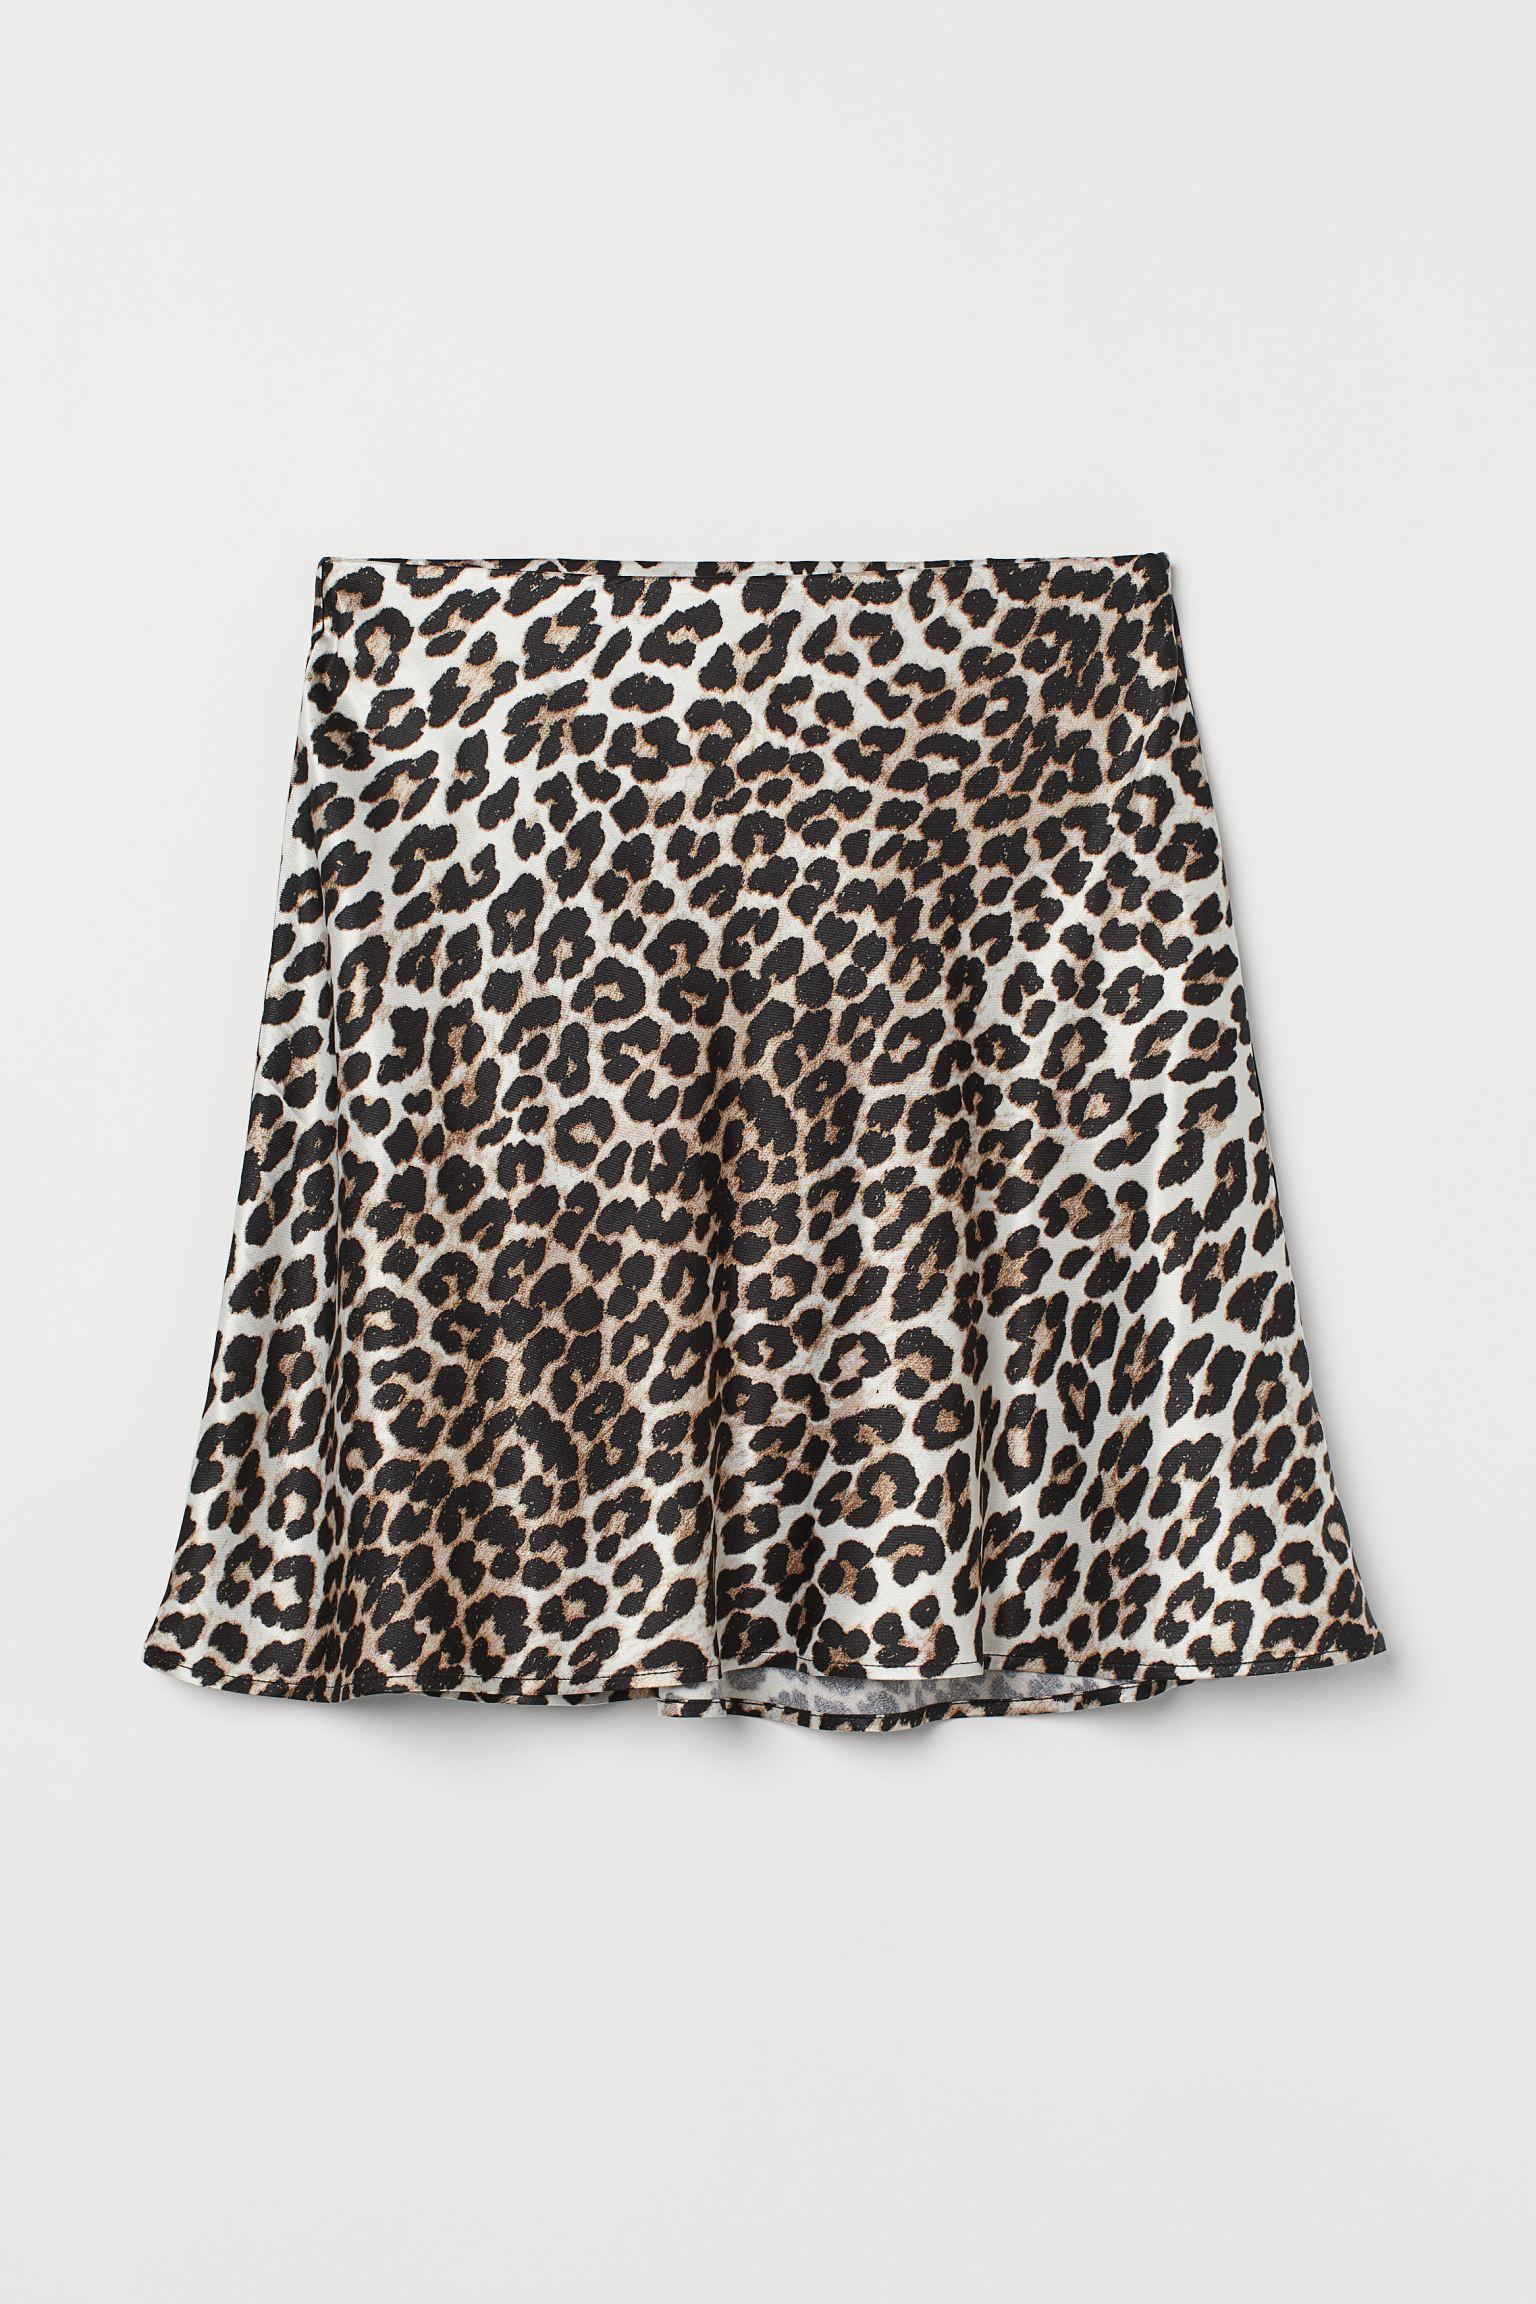 Falda corta en satén de viscosa con brillo y suave caída. Modelo de talle alto con elástico oculto en la cintura y ligero vuelo.